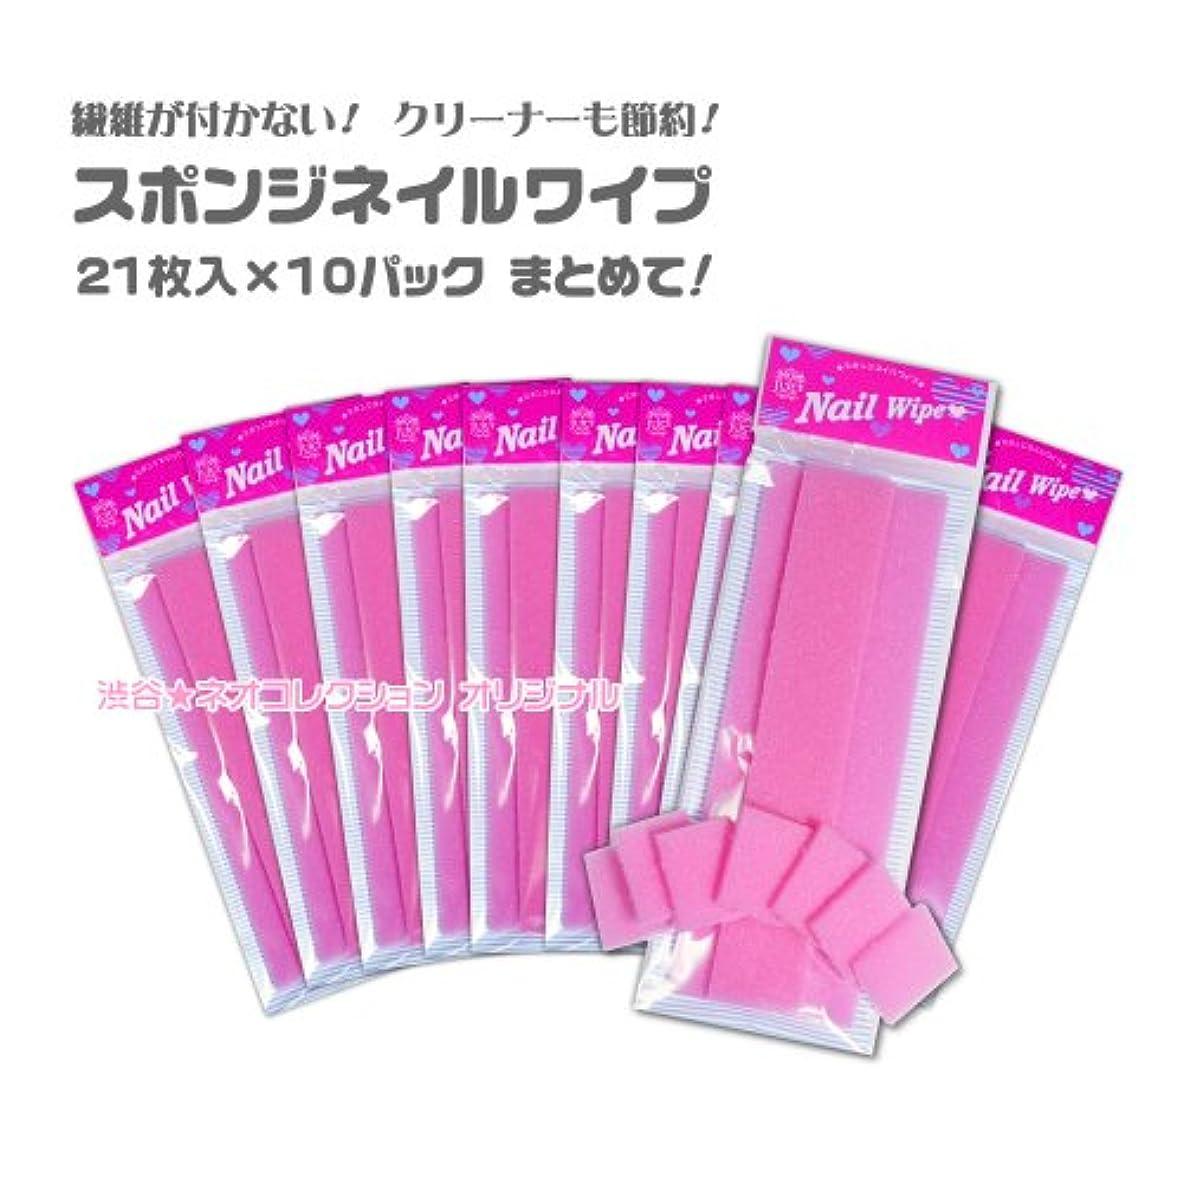 腹部アトラス忘れっぽい未硬化ジェルの拭き取りに ネイルワイプ 21枚×10パック スポンジワイプジェルクリーナーと一緒に使用